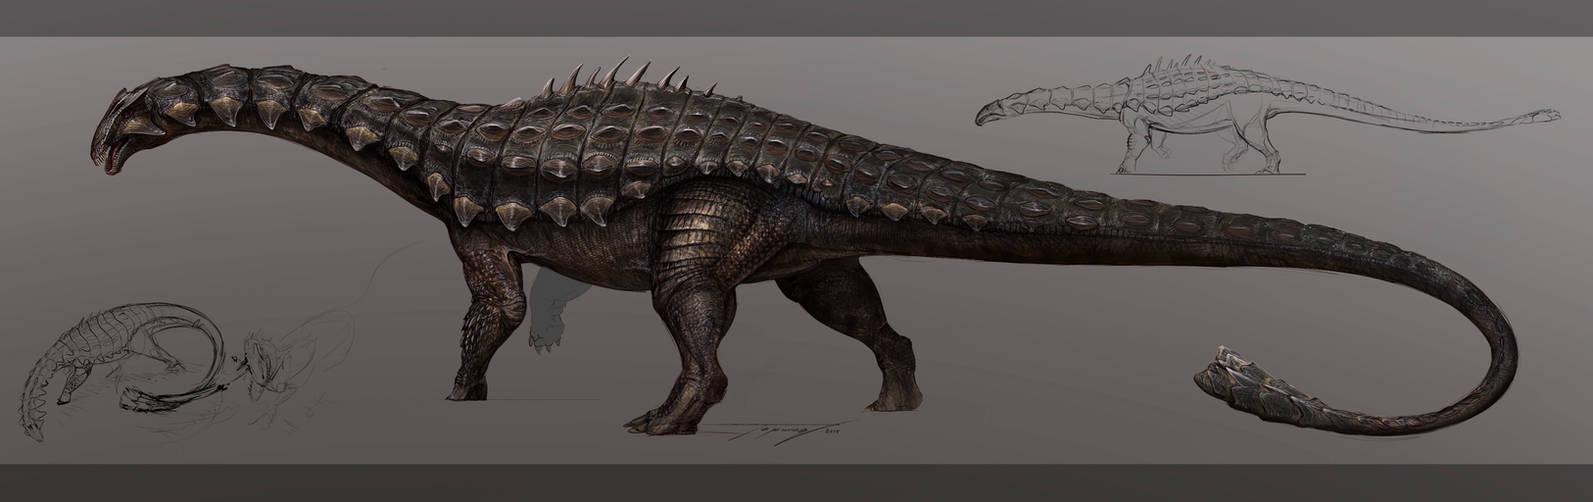 Reimagined Ankylodocus